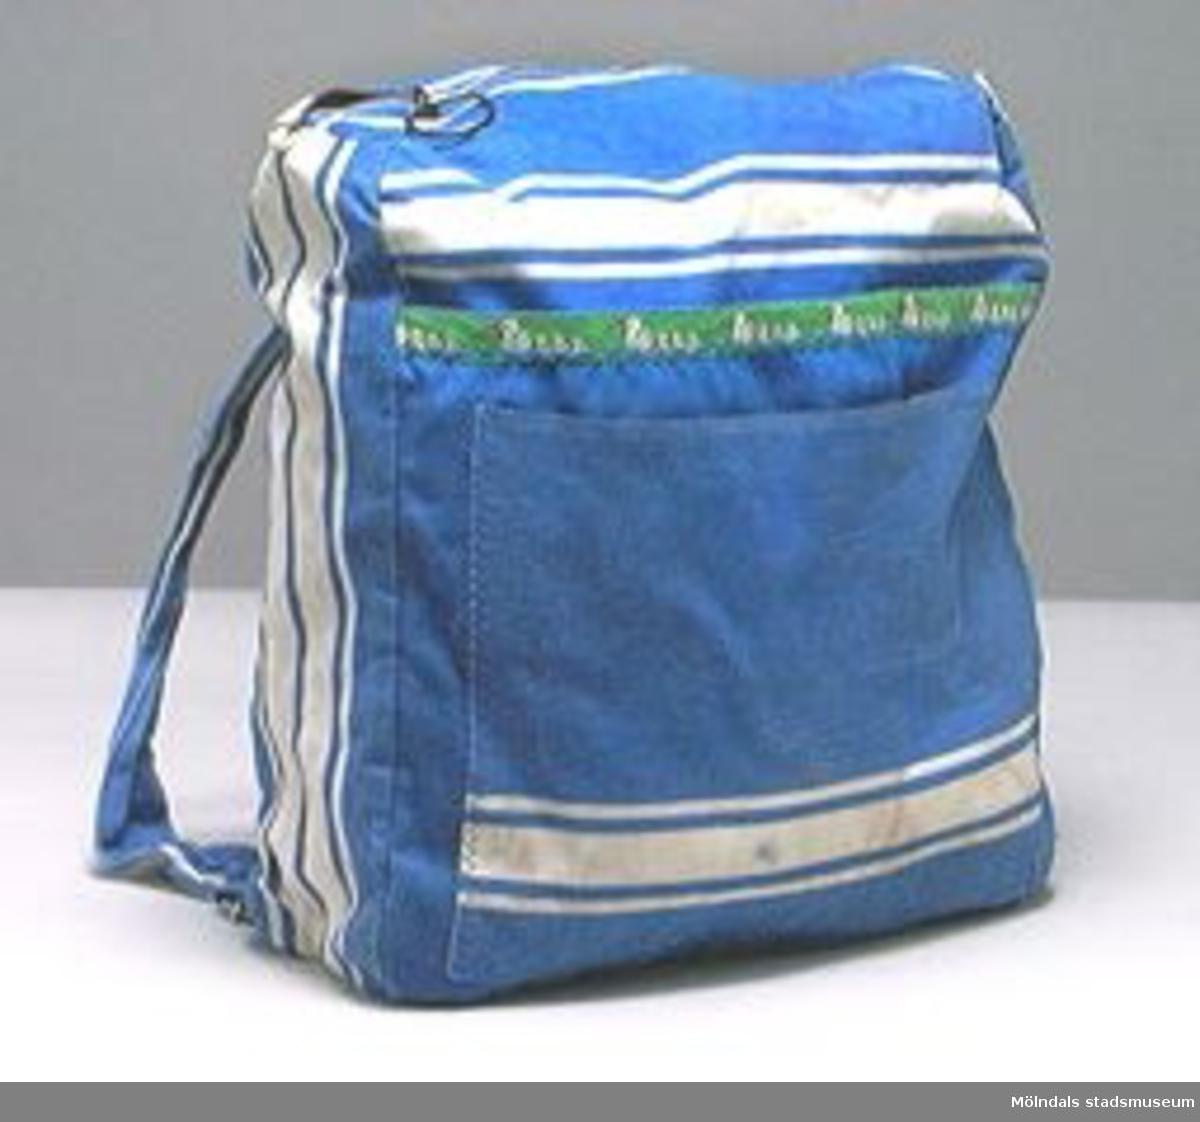 Ryggsäckar gjorda för barn.Blått tyg med vita ränder. Tygbård längs utanpåficka. Ankmotiv på  02832:1 och fiskmotiv på 02832:2.